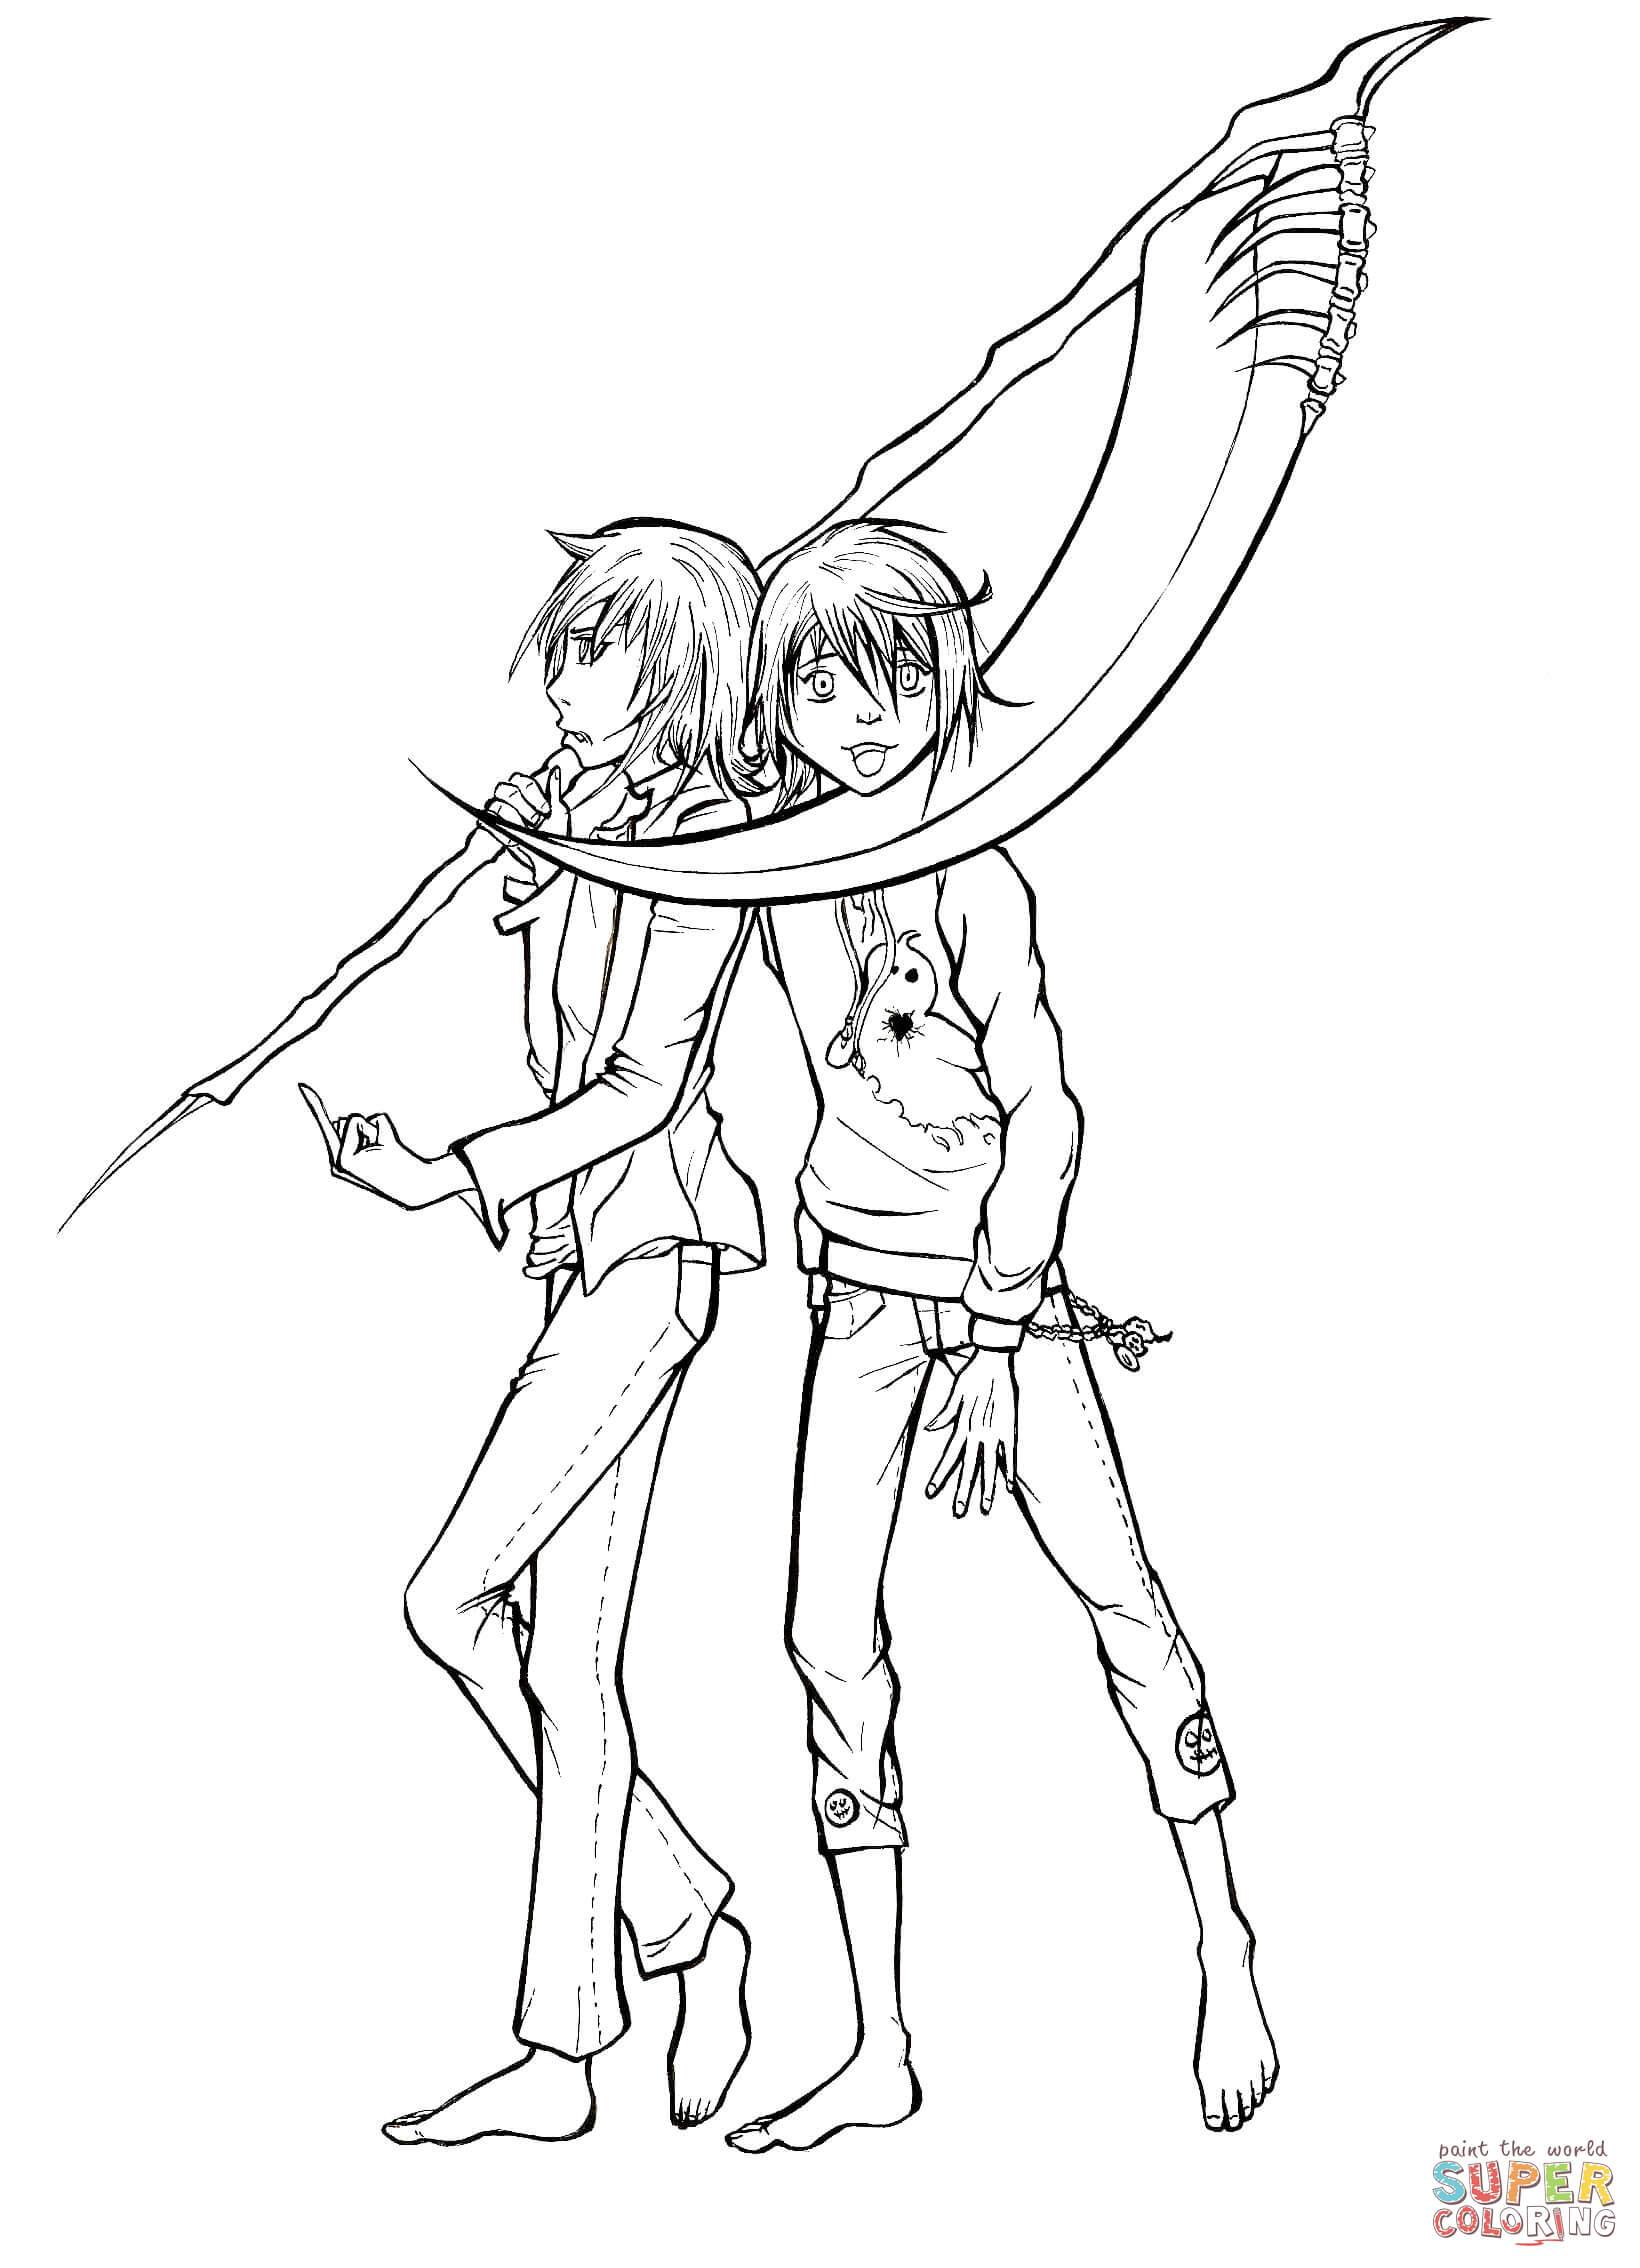 Wanijima Akito and Wanijima Agito from Manga Air Gear